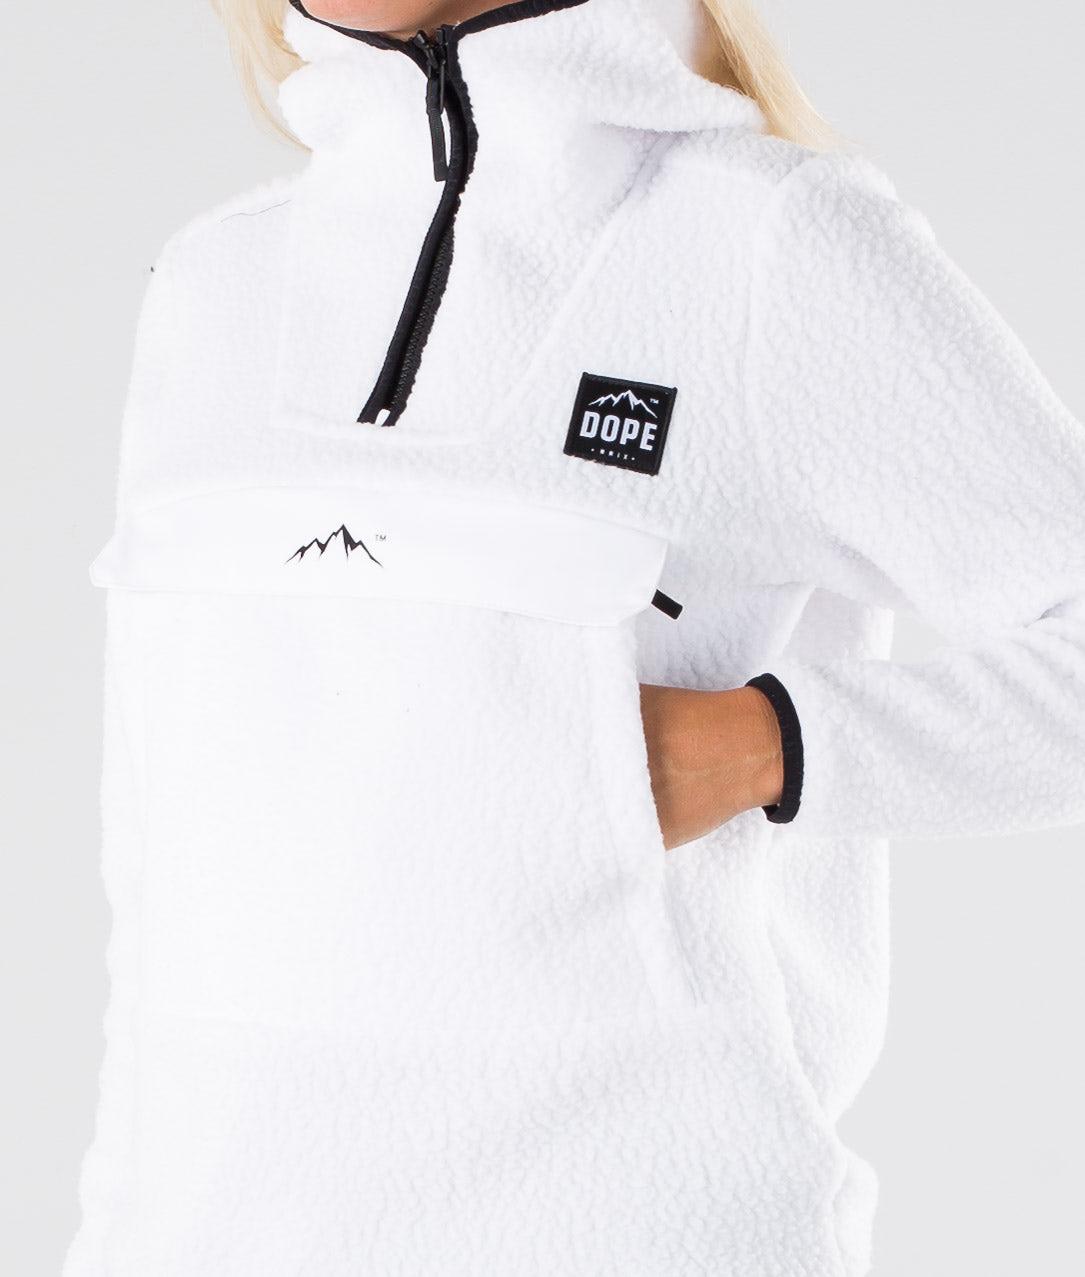 Kjøp Oi W Trøyer Snow fra Dope på Ridestore.no - Hos oss har du alltid fri frakt, fri retur og 30 dagers åpent kjøp!